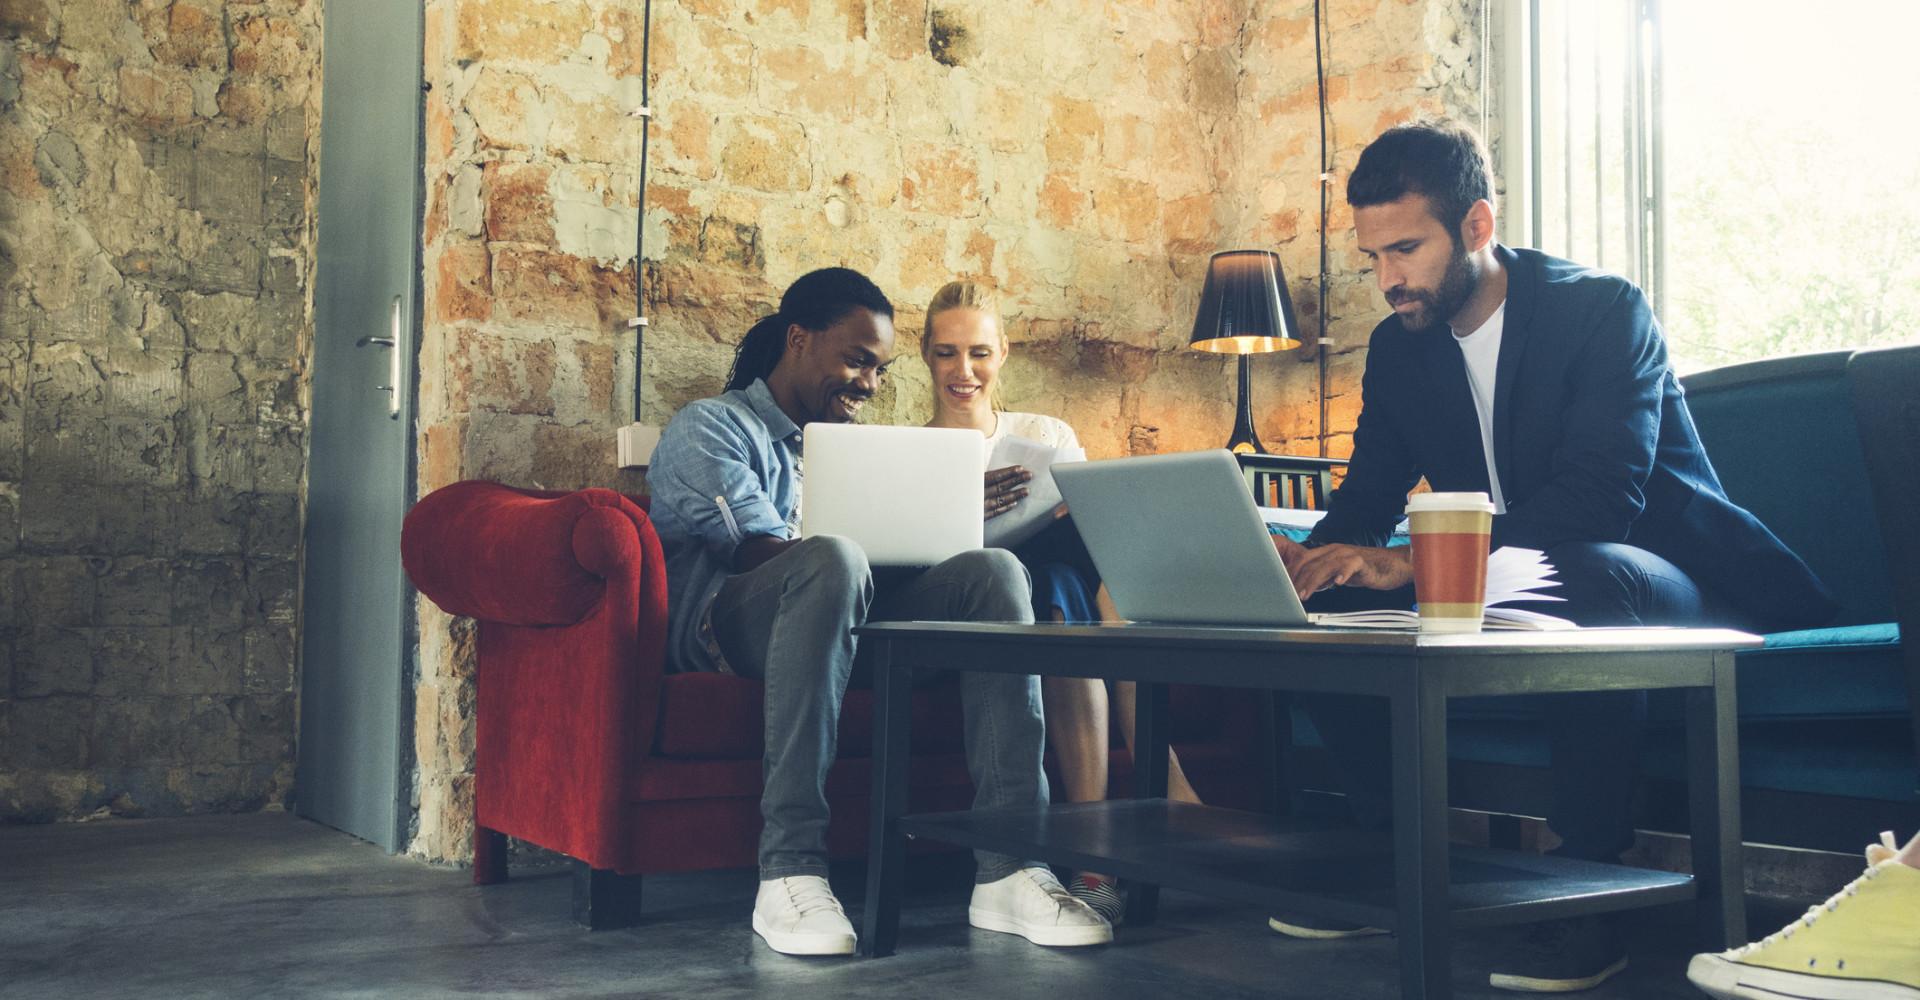 Kwerk réinvente l'espace de travail en France